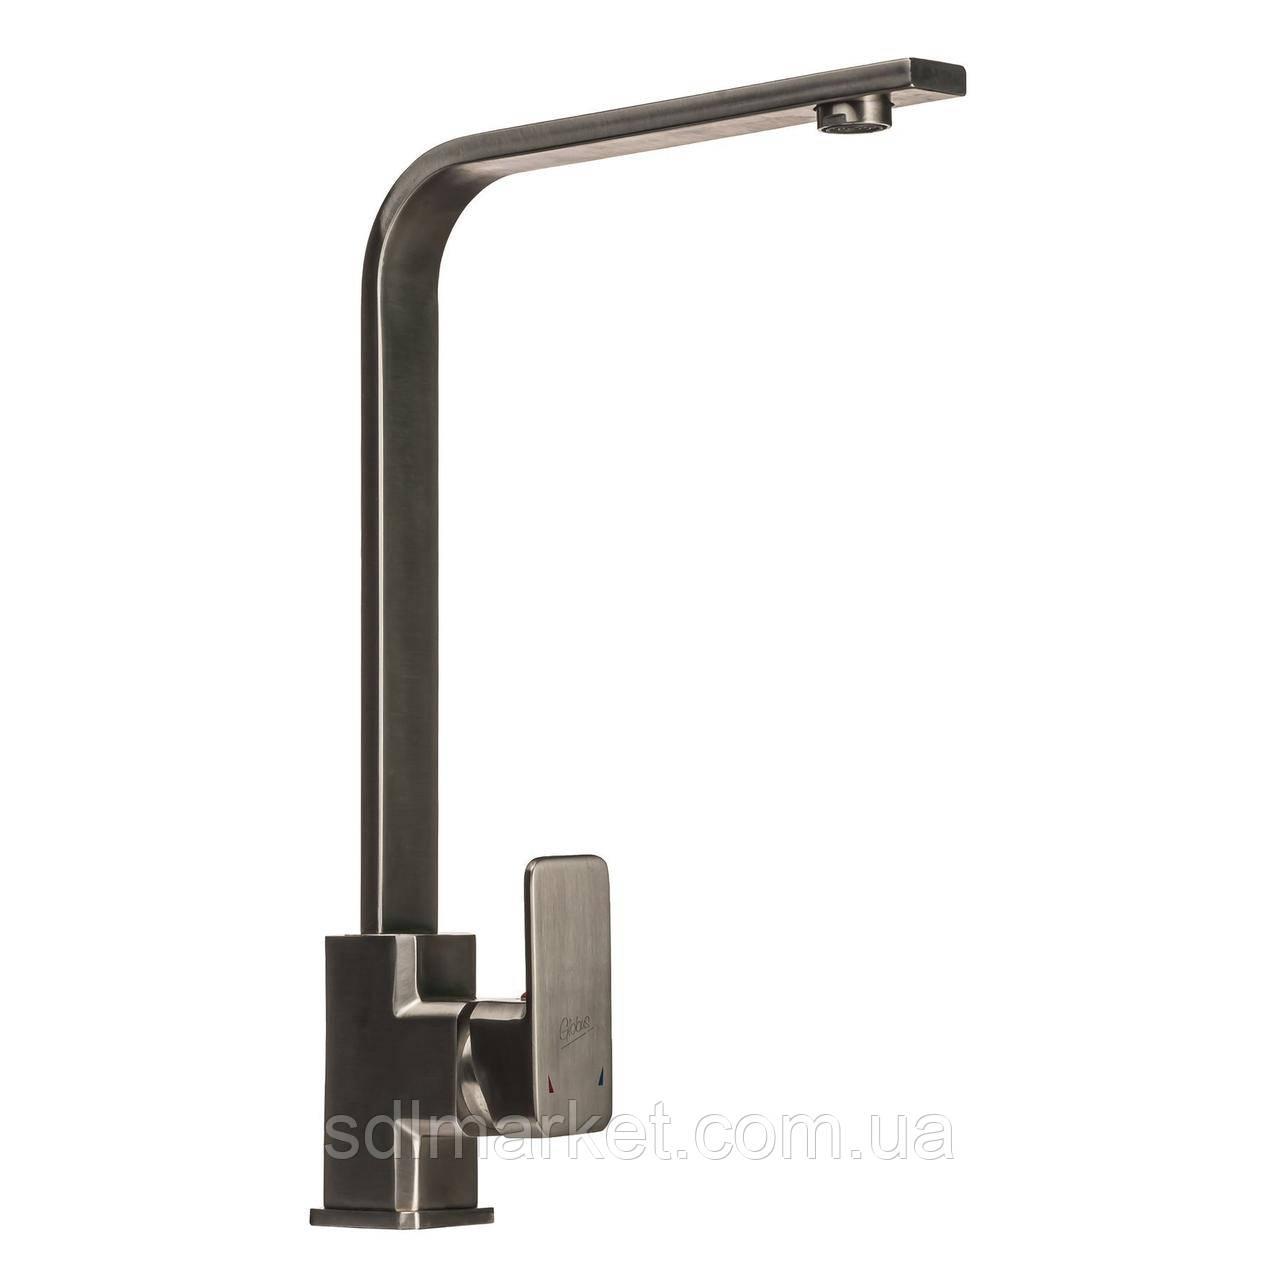 Змішувач для кухні Globus Lux SHK-203S-P